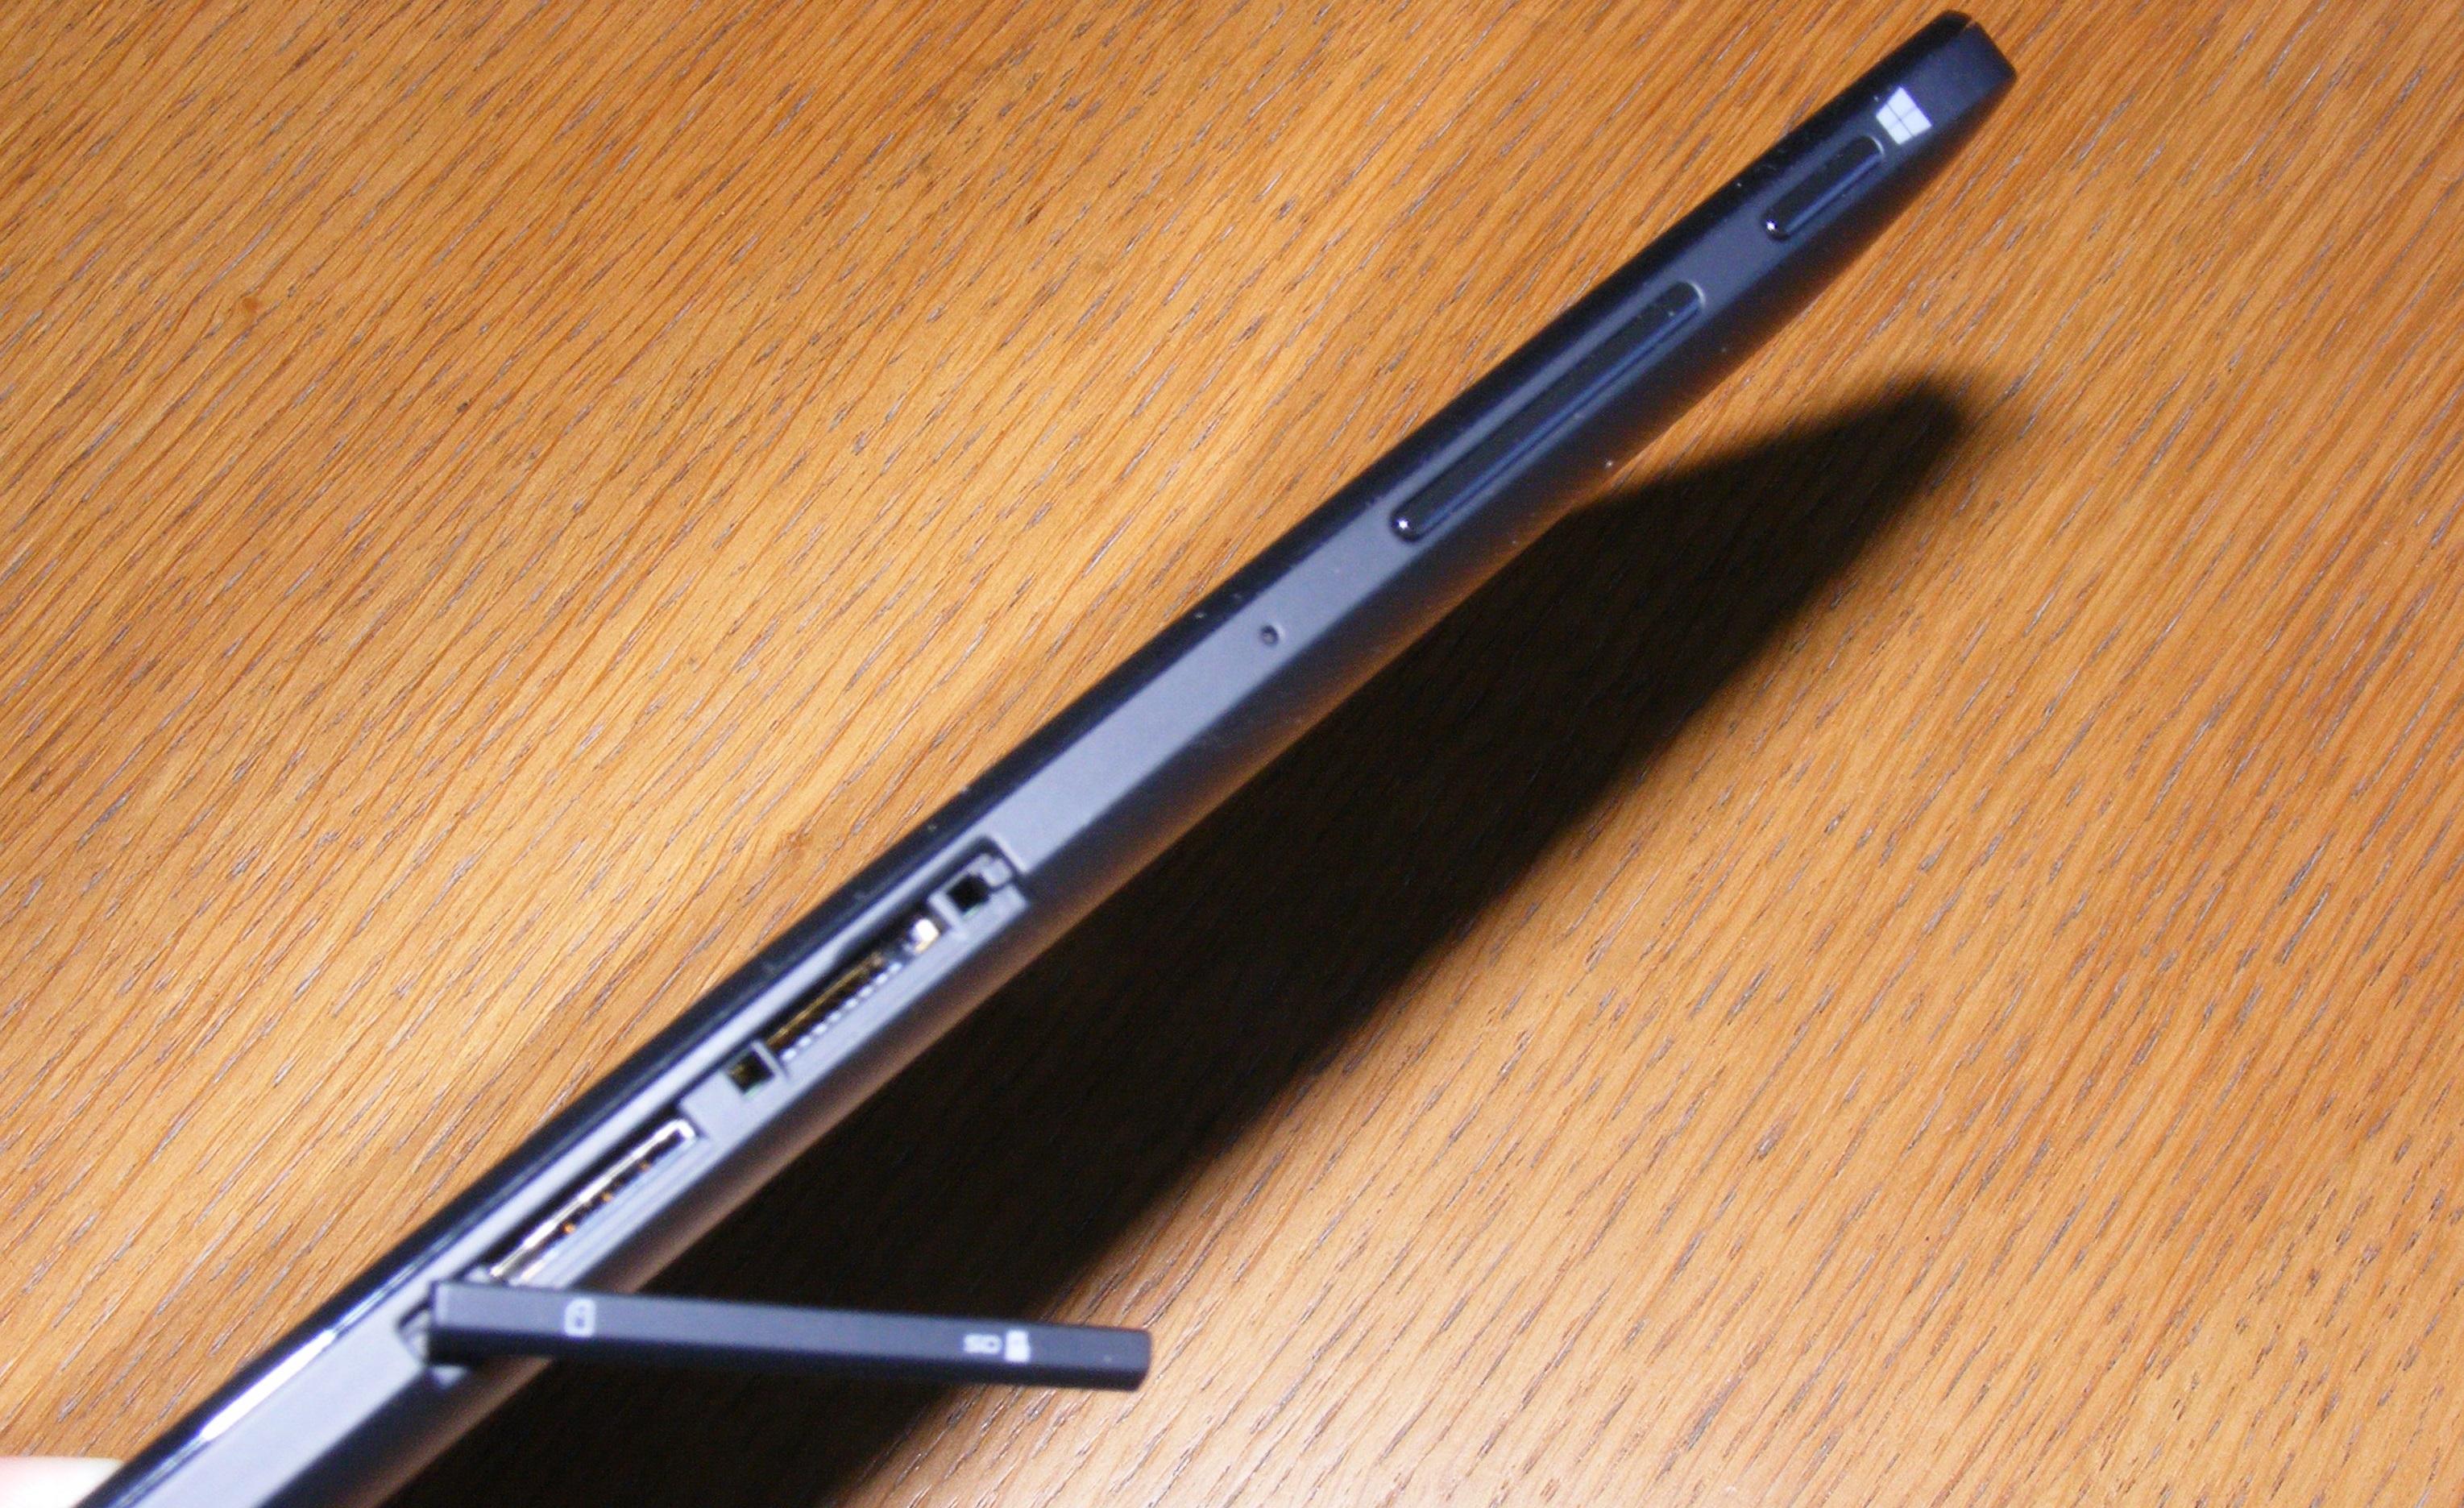 Dell Venue 8 Pro 5855 ports